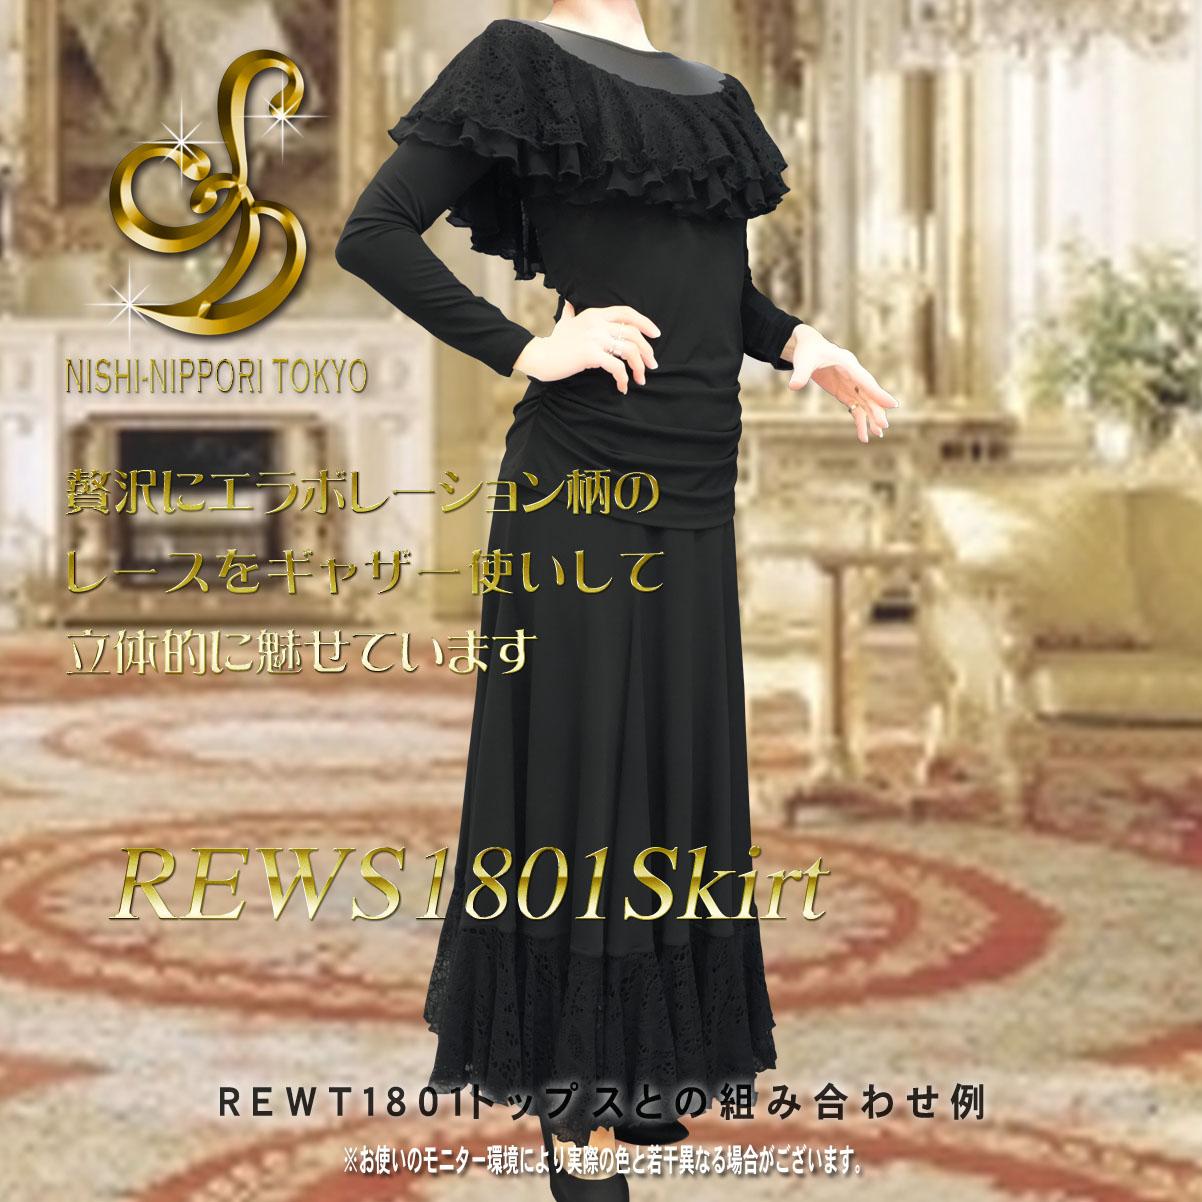 REWS1801 スカート BK(黒のみ)03